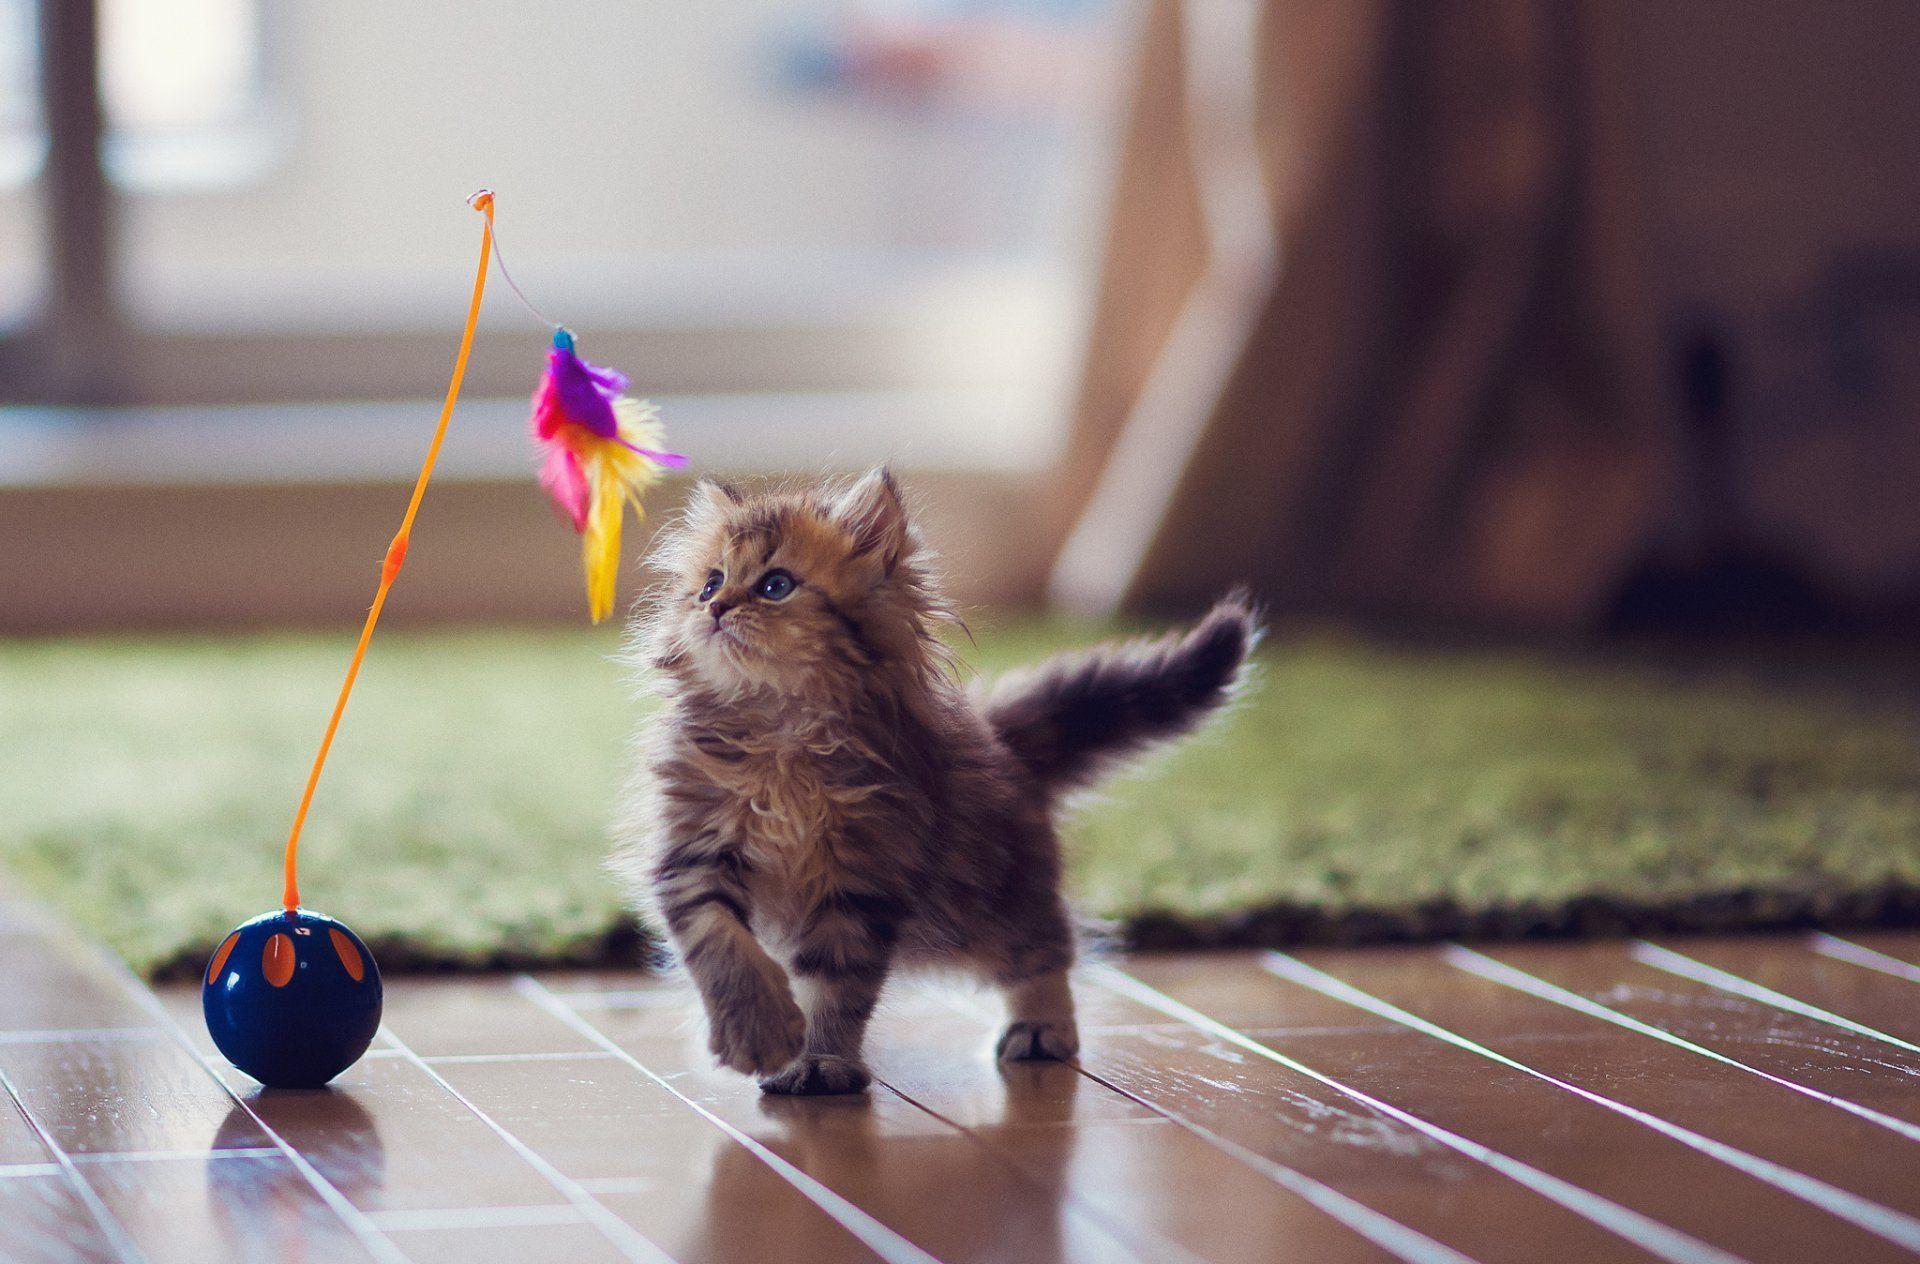 Kitten Cat Daisy Ben Torode Toys Feathers Flooring Carpet Hd Wallpaper Cat Exercise Best Interactive Cat Toys Kittens Cutest